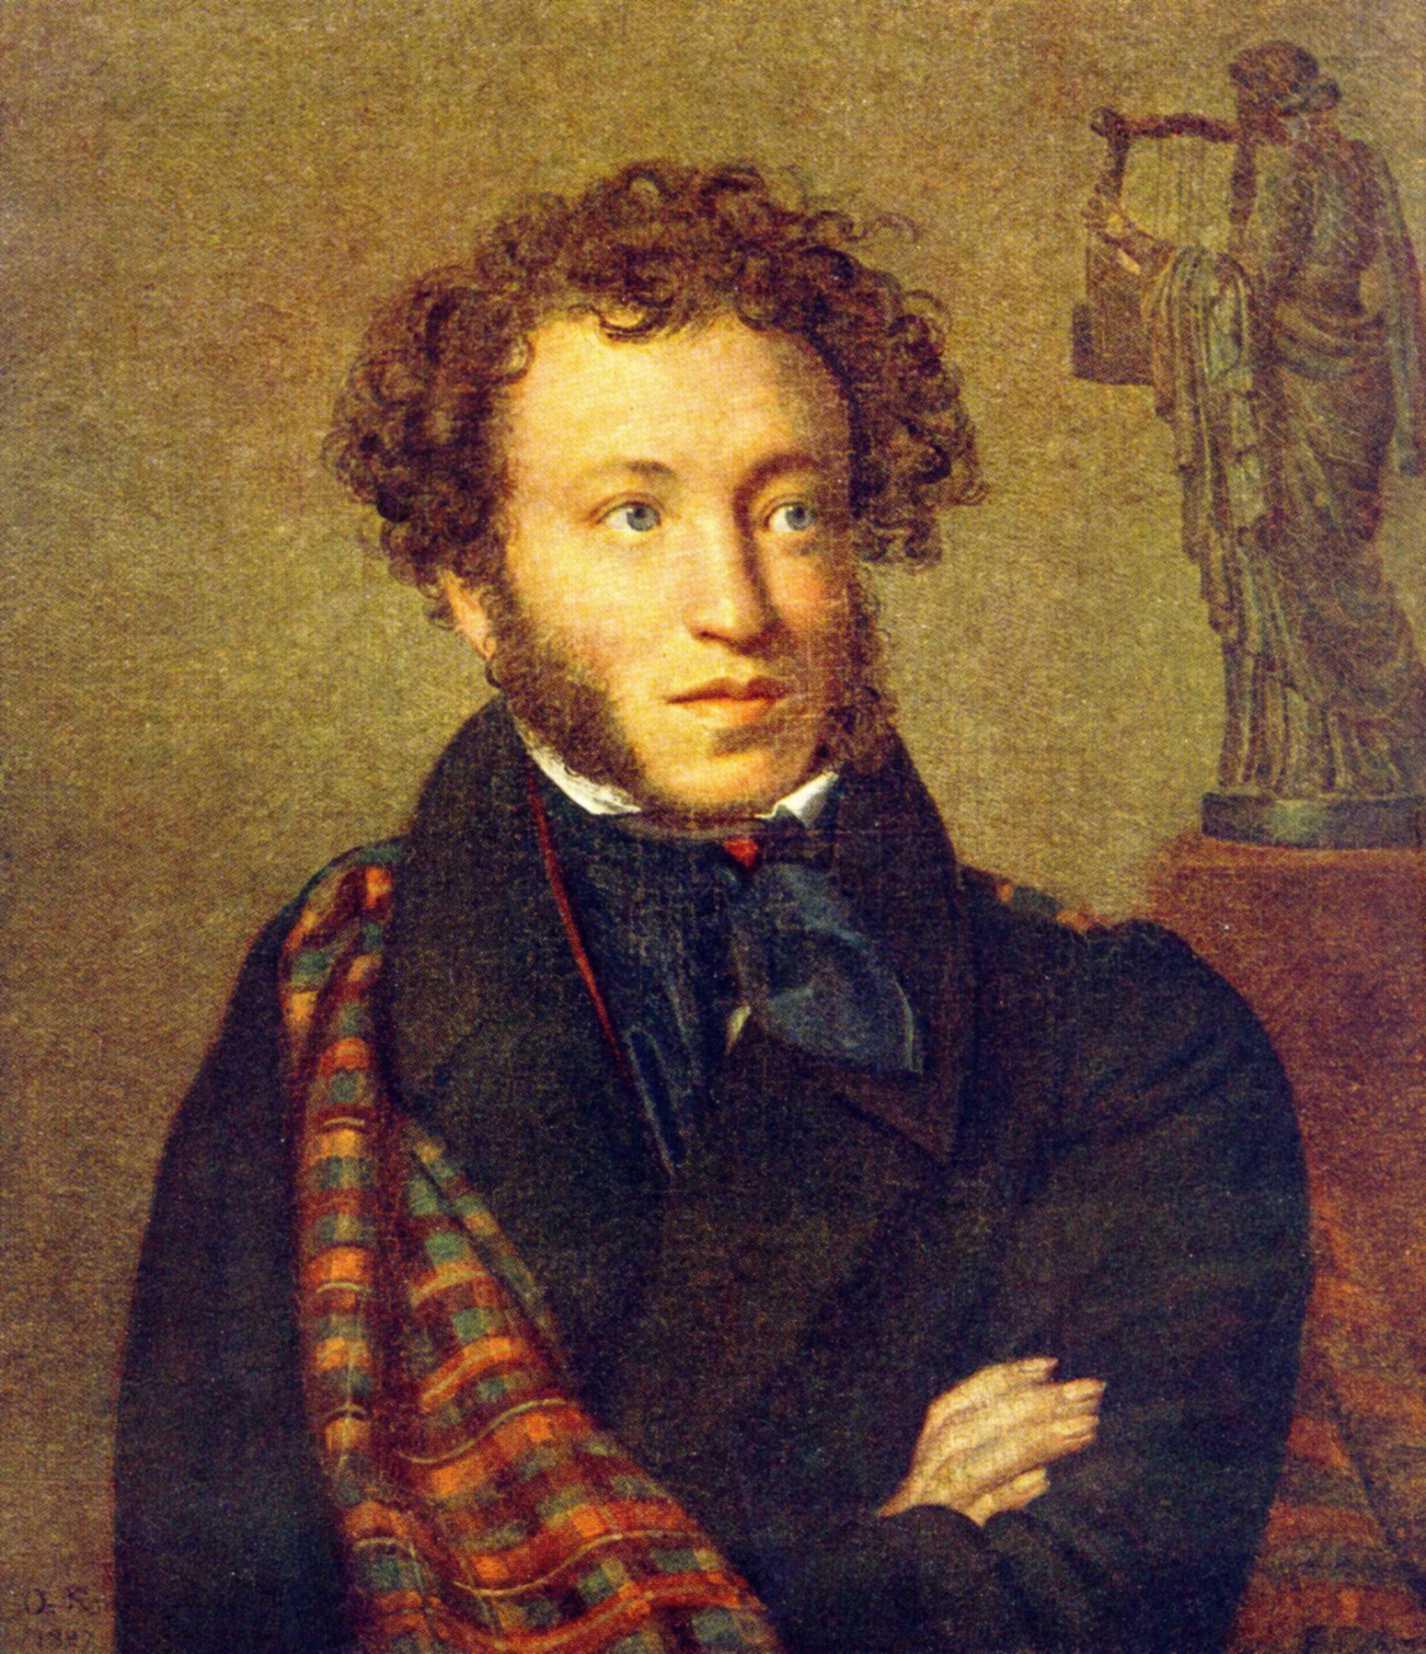 Where was Pushkin born